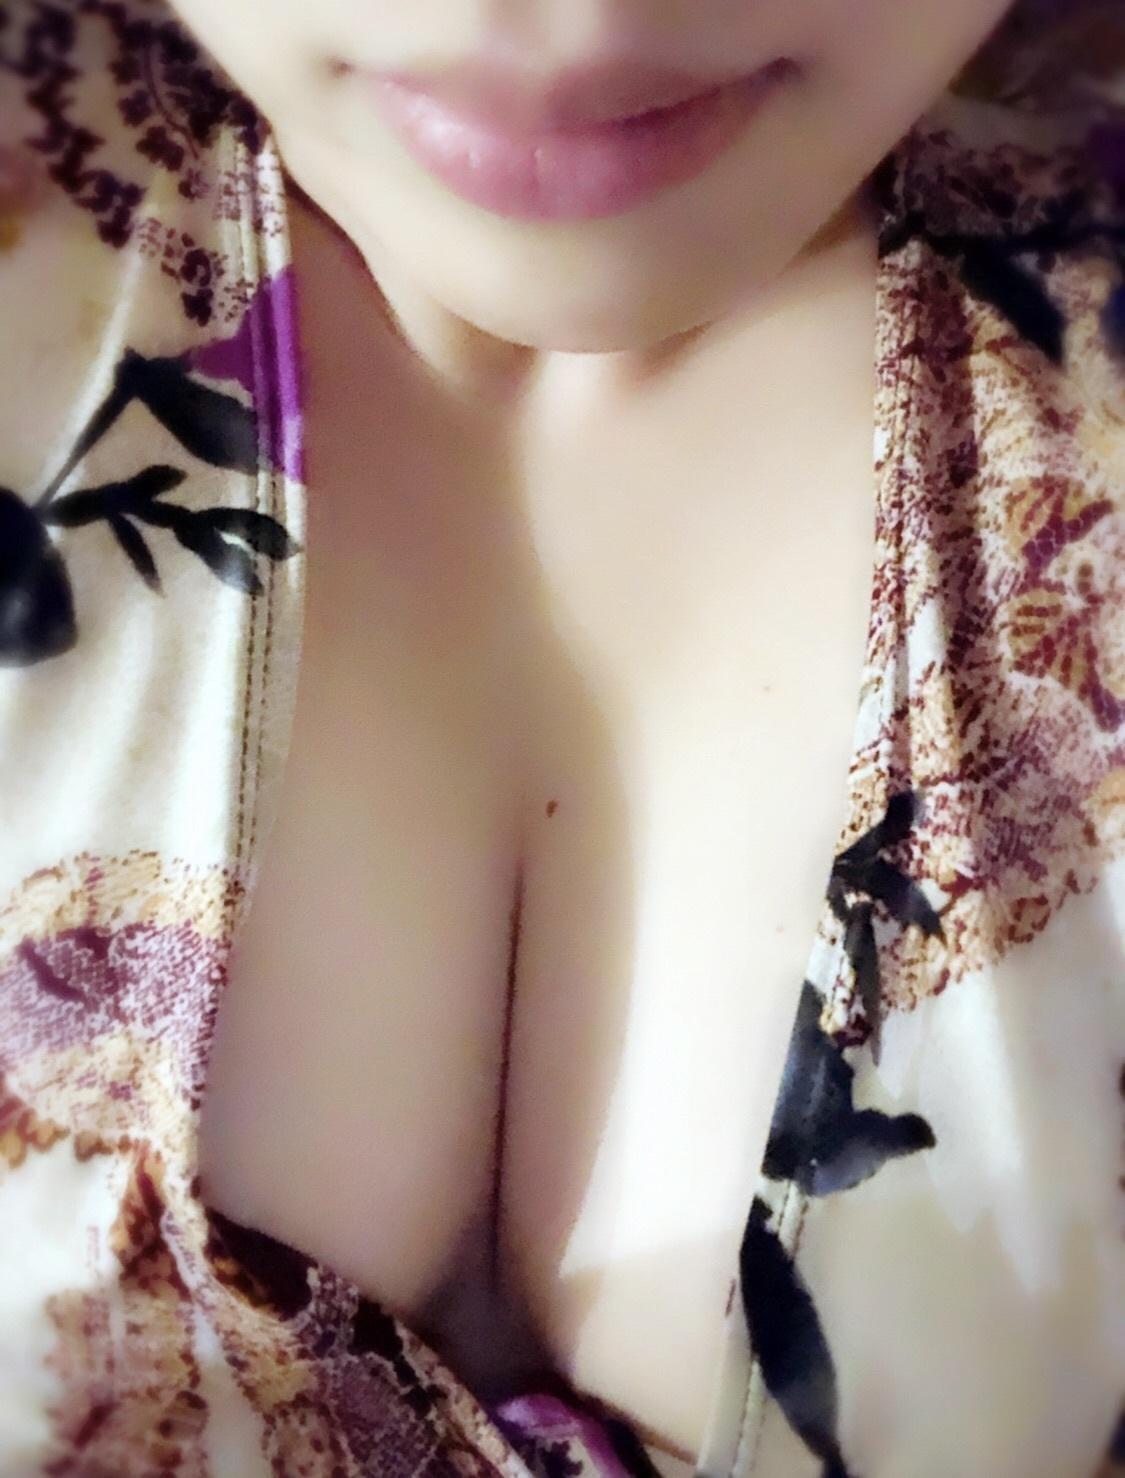 「*???)?御礼━歴代彼女は歳上ばかり.....?様////??━Thank you for giving me amazing time??」04/23(火) 00:14   ヒミコの写メ・風俗動画